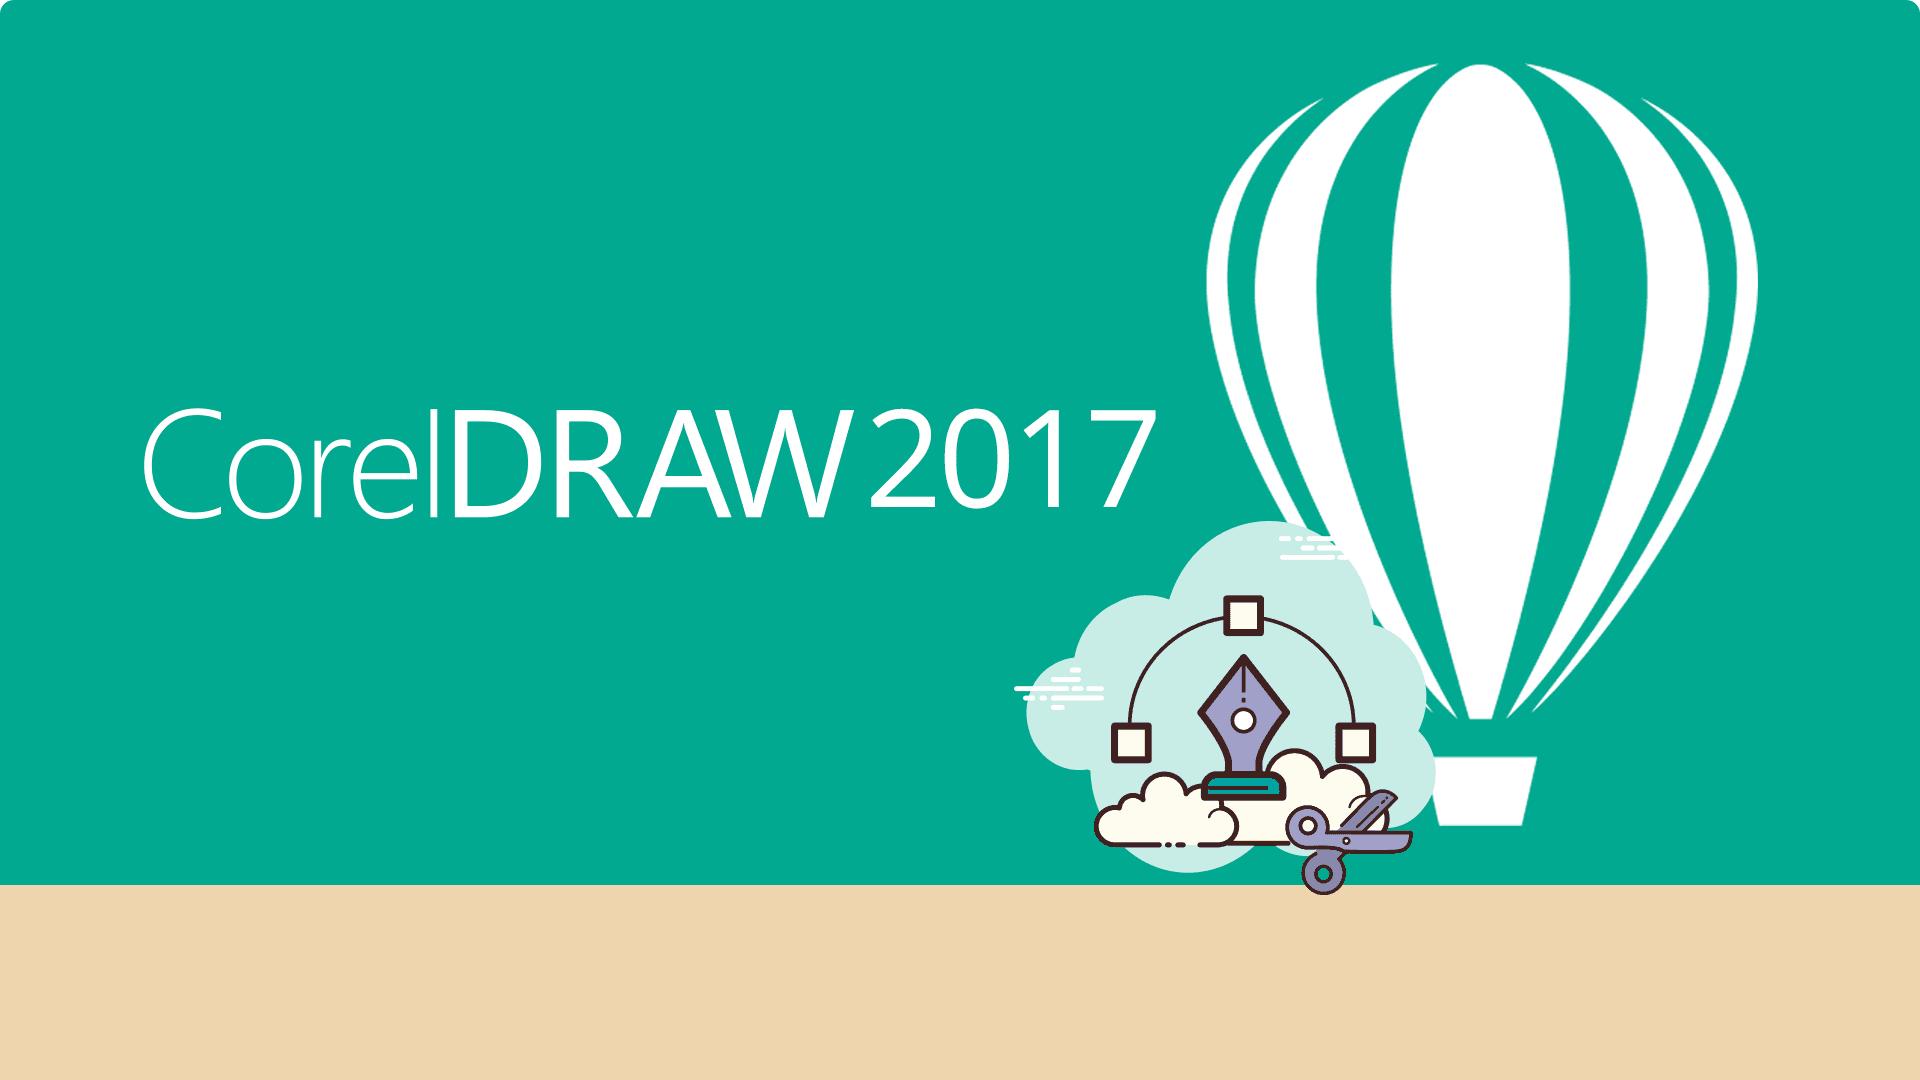 دوره آموزش نرم افزار Corel DRAW 2017